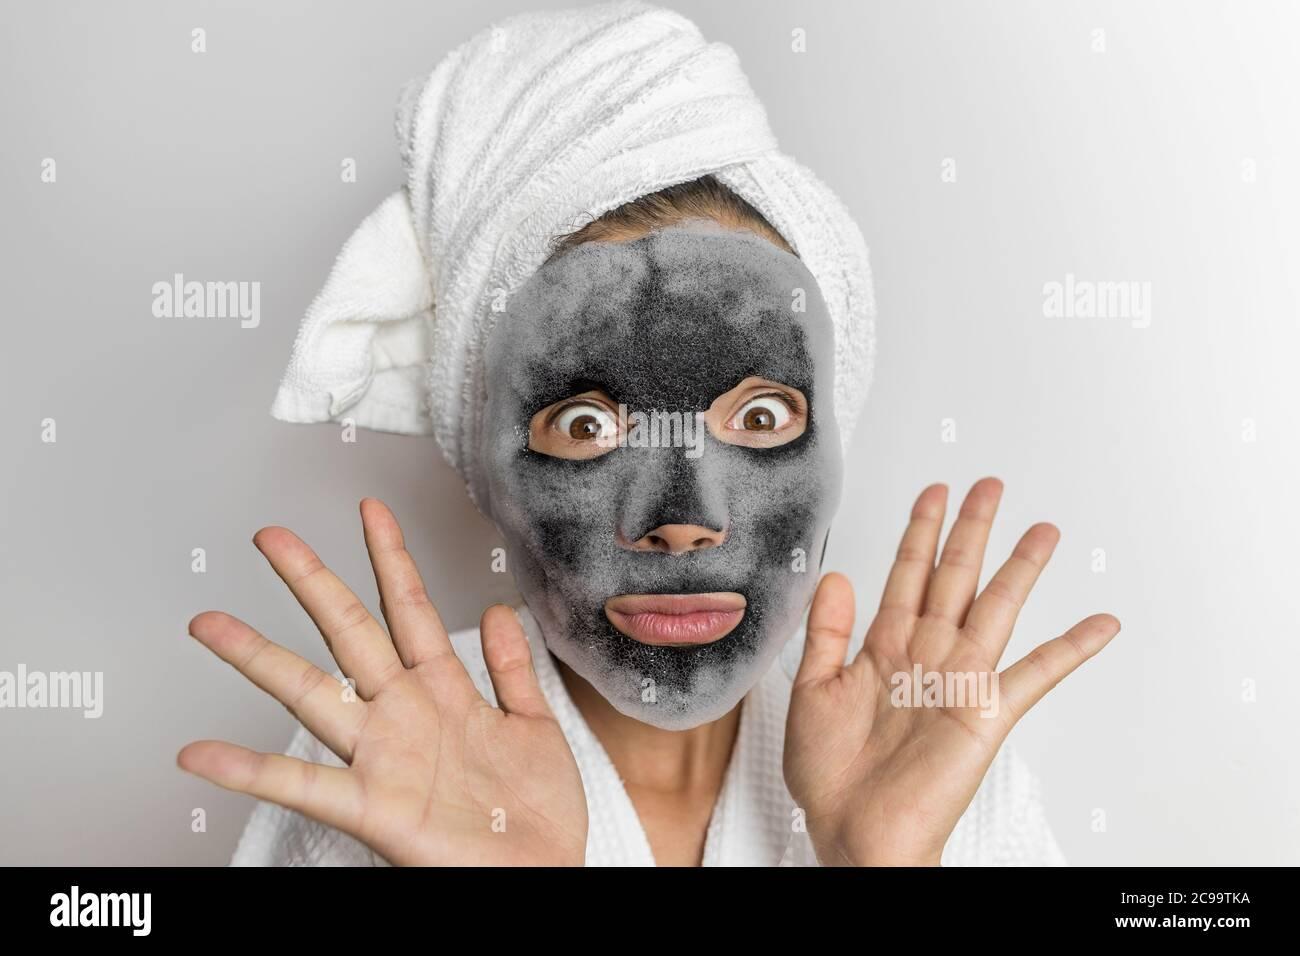 Gesichtsmaske Blase Schaum Gesichtsbehandlung lustige Frau in Beauty-Spa suchen schockiert oder überrascht, gruselige Chemikalien in Beauty-Produkte. Asiatische Mädchen tragen Badetuch Stockfoto